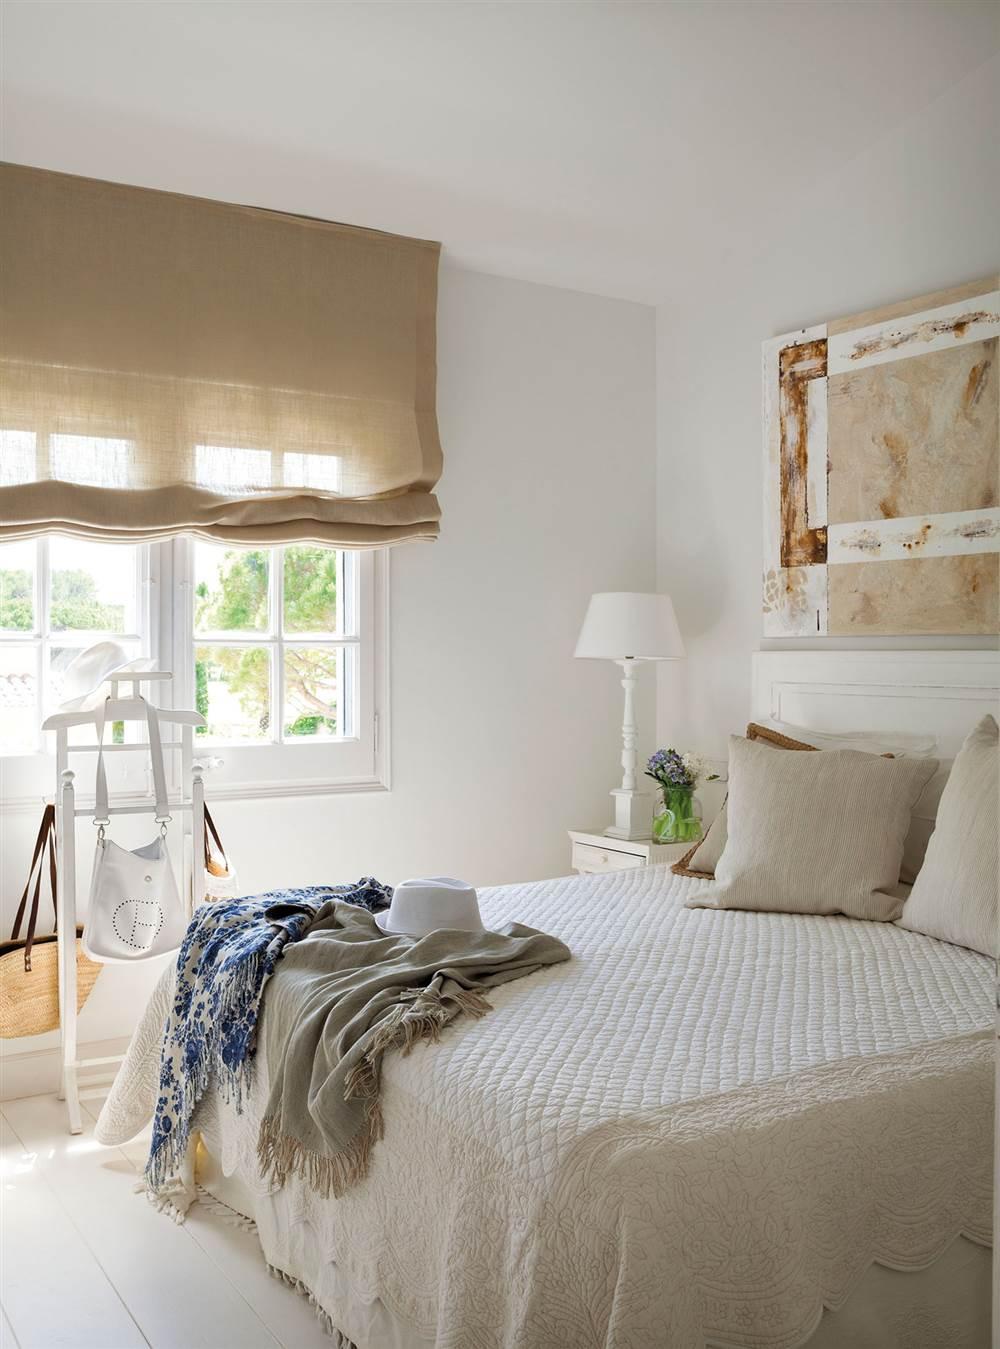 Muebles dormitorio marron y blanco 20170723210751 - Dormitorio con muebles blancos ...